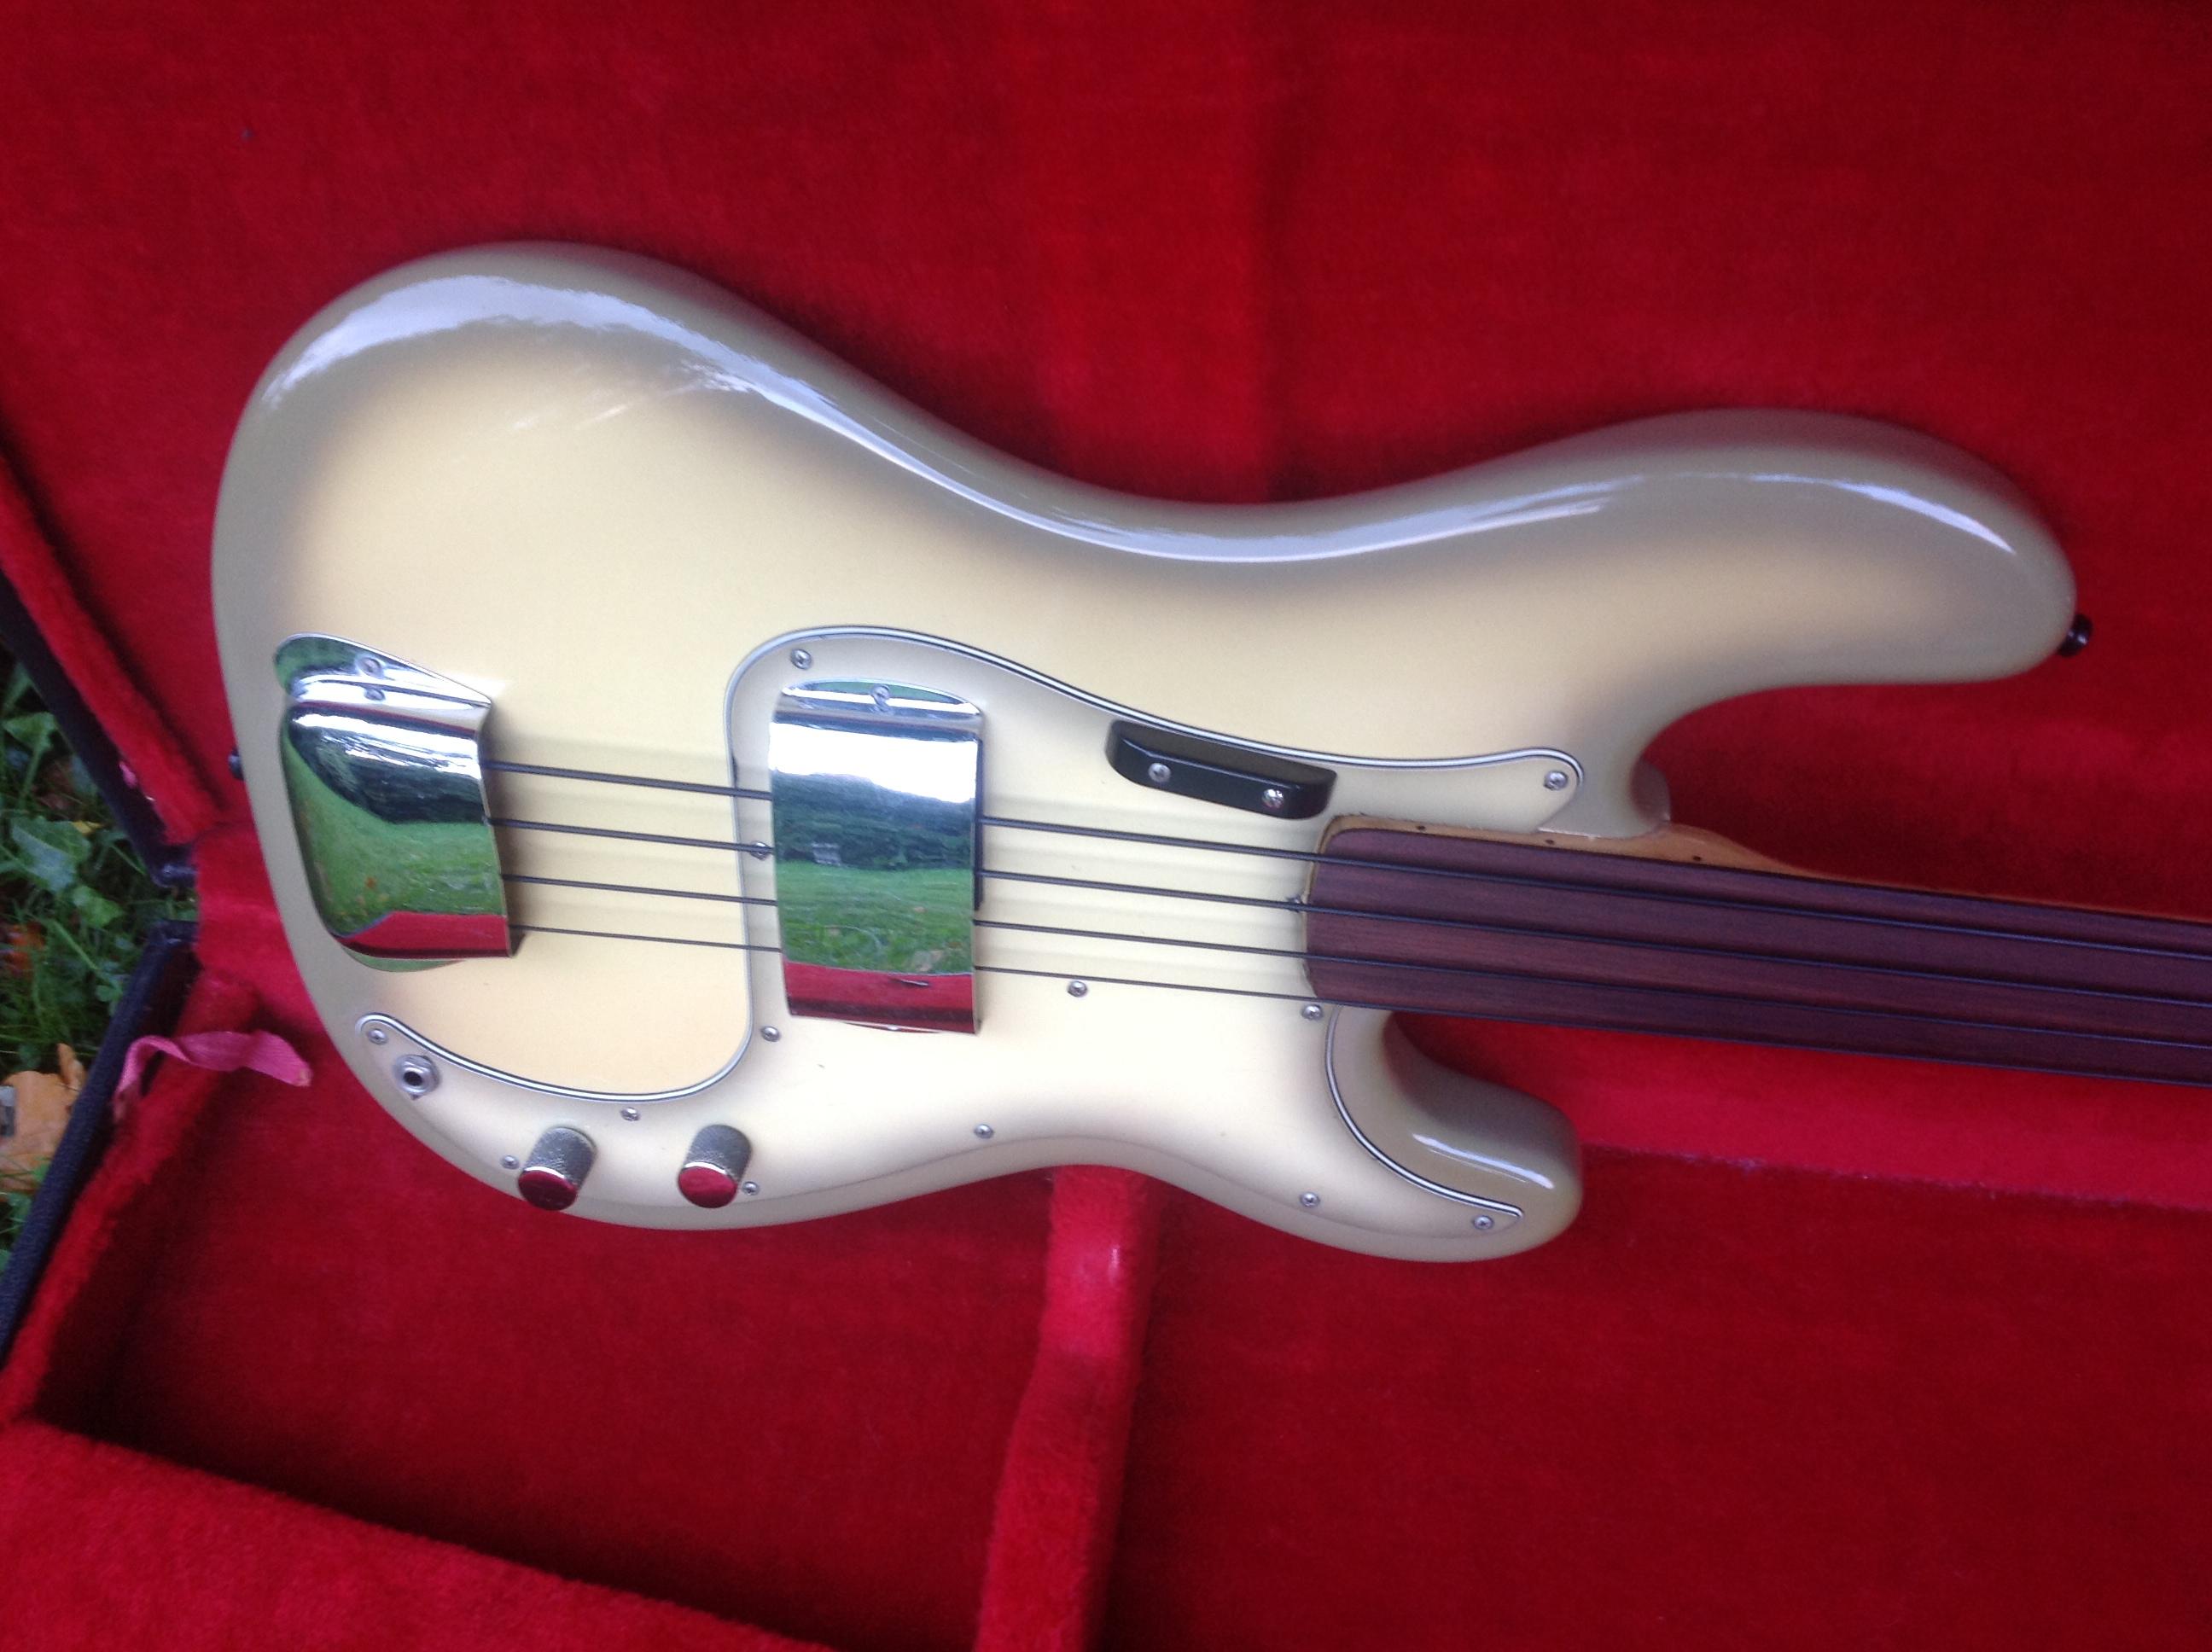 fender precision bass fretless 1978 antigua guitar for sale phils vintage guitars. Black Bedroom Furniture Sets. Home Design Ideas